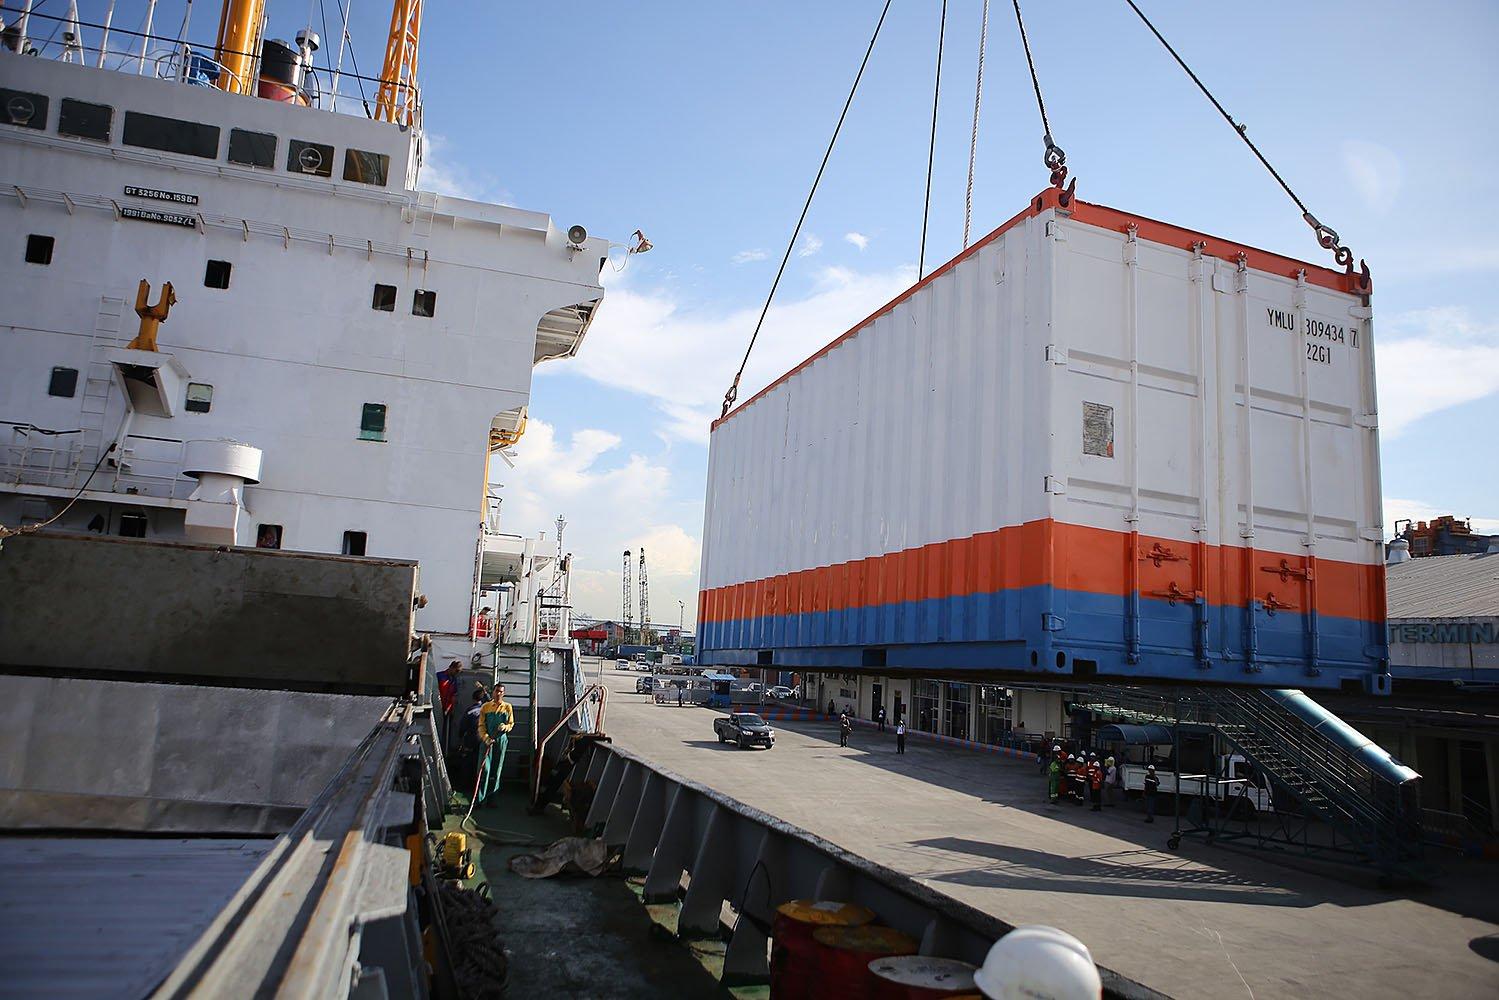 Selain bertujuan menekan ketimpangan harga kebutuhan pokok di Natuna, kapal tol laut ini merupakan solusi kapal logistik menghadapi ancaman gelombang laut yang tinggi.